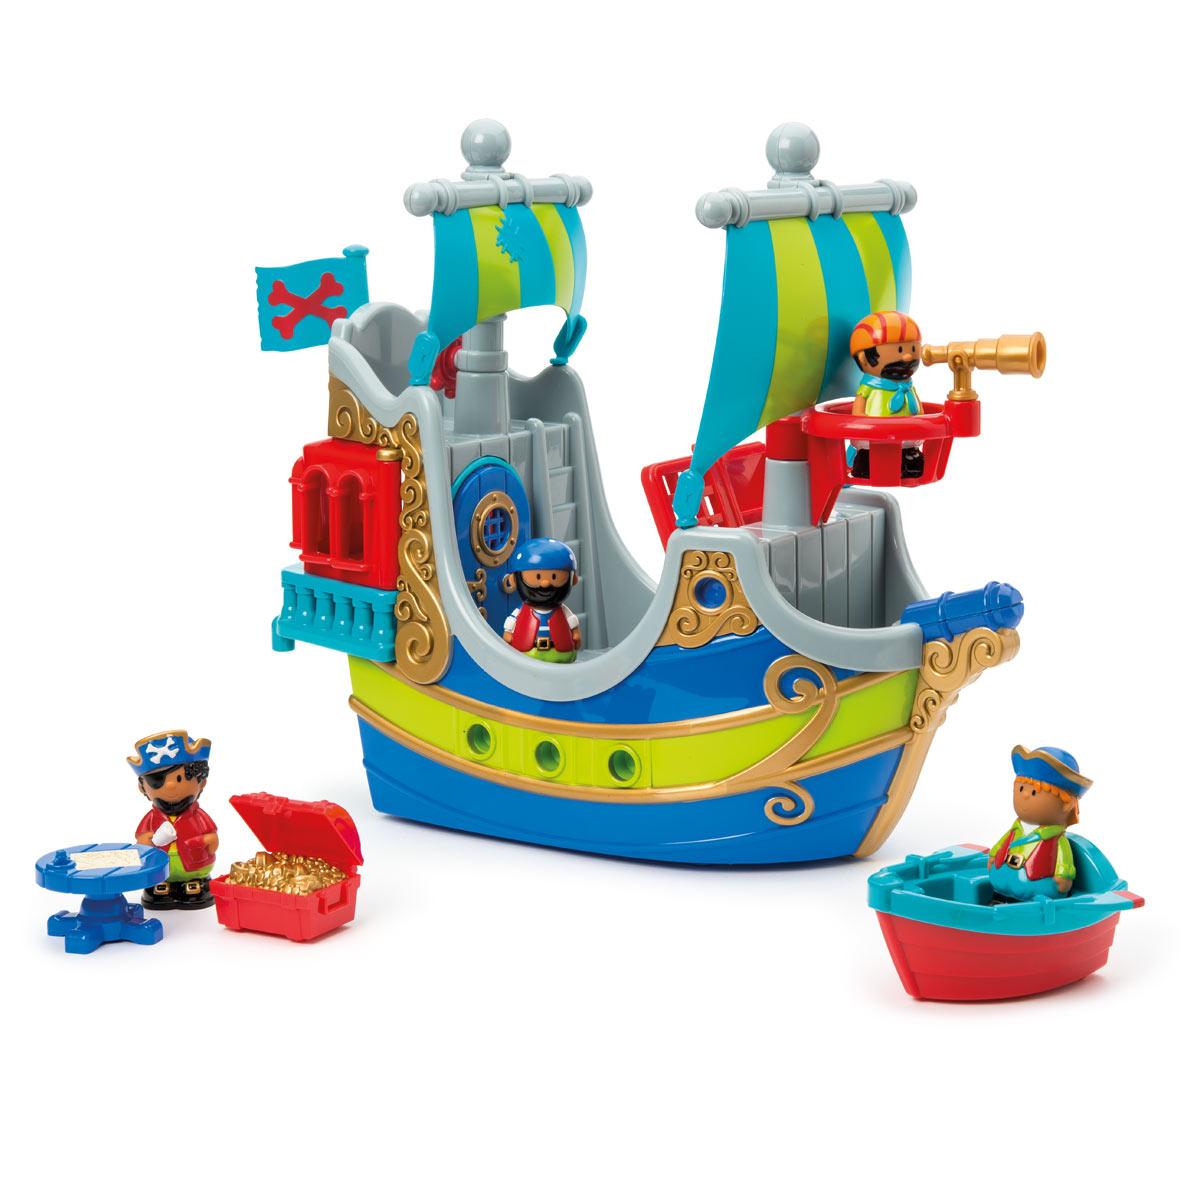 Bateau Pirate Happyland serapportantà Jouet Pour Garçon De 4 Ans